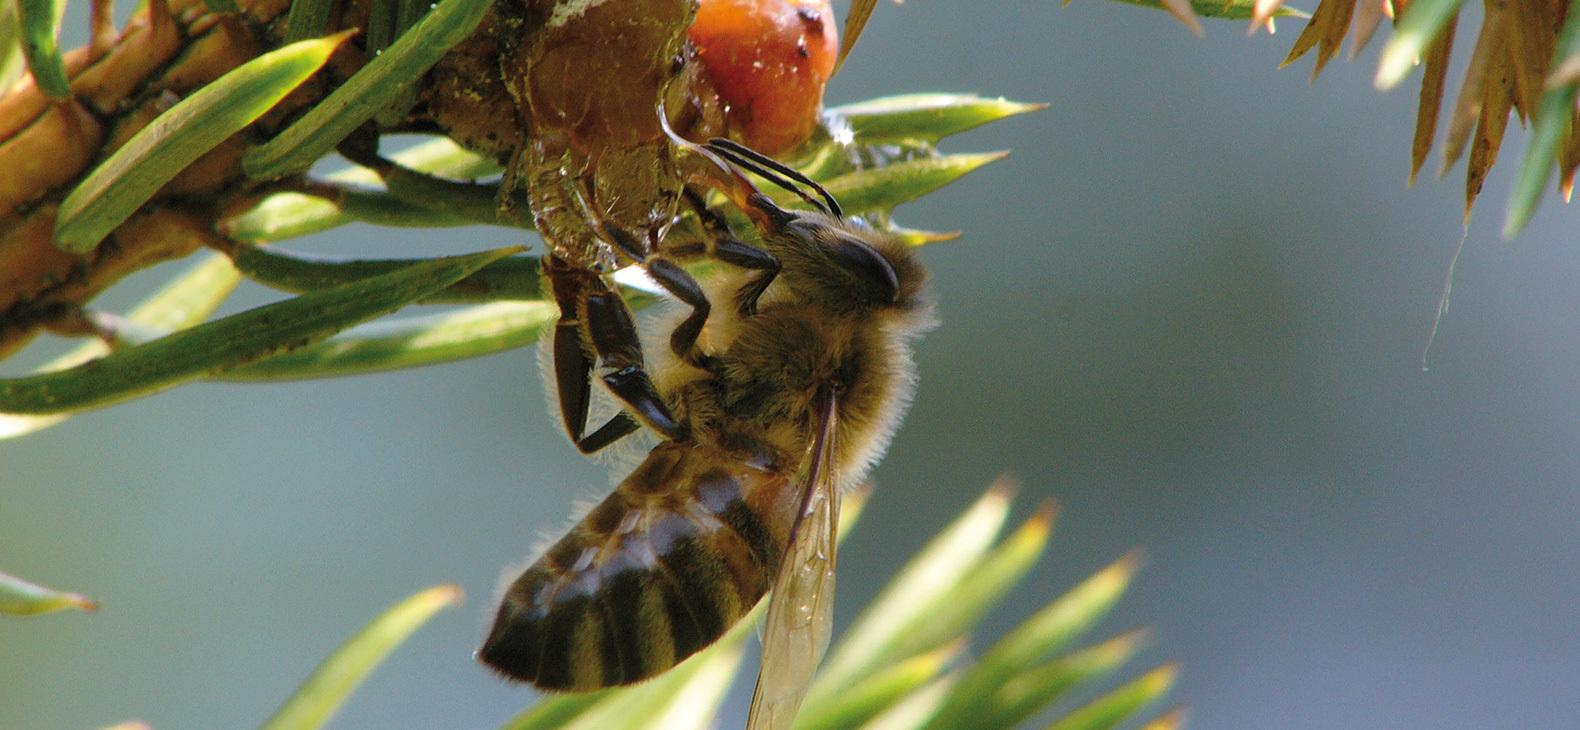 Honigtau